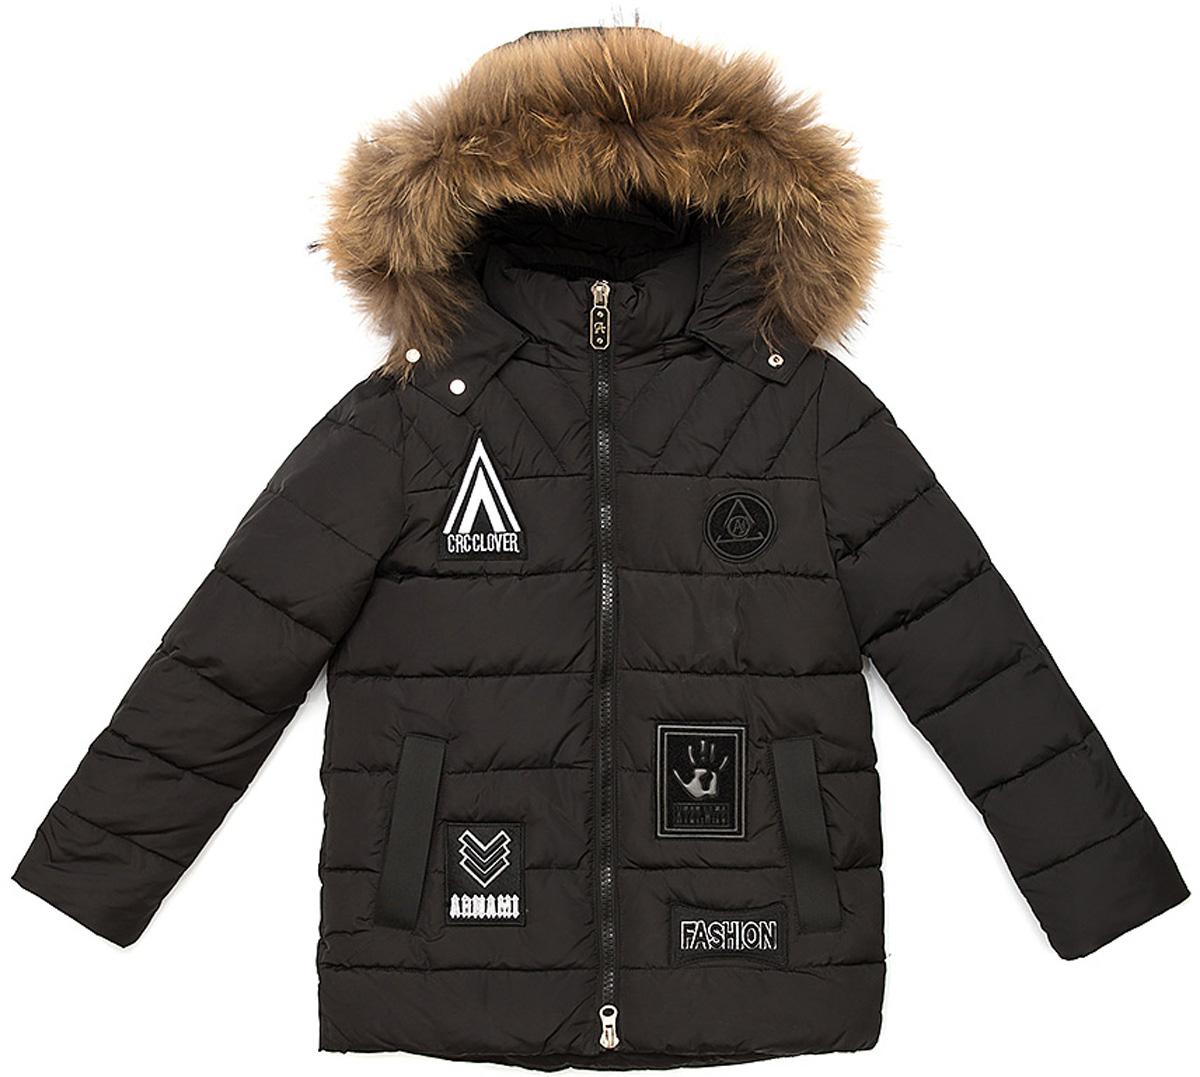 Куртка для мальчика Vitacci, цвет: черный. 1171483-03. Размер 1401171483-03Удлиненная куртка для мальчика Vitacci, изготовленная из полиэстера, станет стильнымдополнением к детскому гардеробу.Подкладка выполнена из полиэстера и дополнительно утеплена флисом по спинке. В качестве наполнителя используется биопух.Куртка застегивается на пластиковую застежку-молнию и имеет съемный капюшон с отделкой из натурального меха. Изделие оформлено декоративными элементами и нашивками.Температурный режим от -10°С до -25°С.Теплая, удобная и практичная куртка идеально подойдет юному моднику для прогулок!